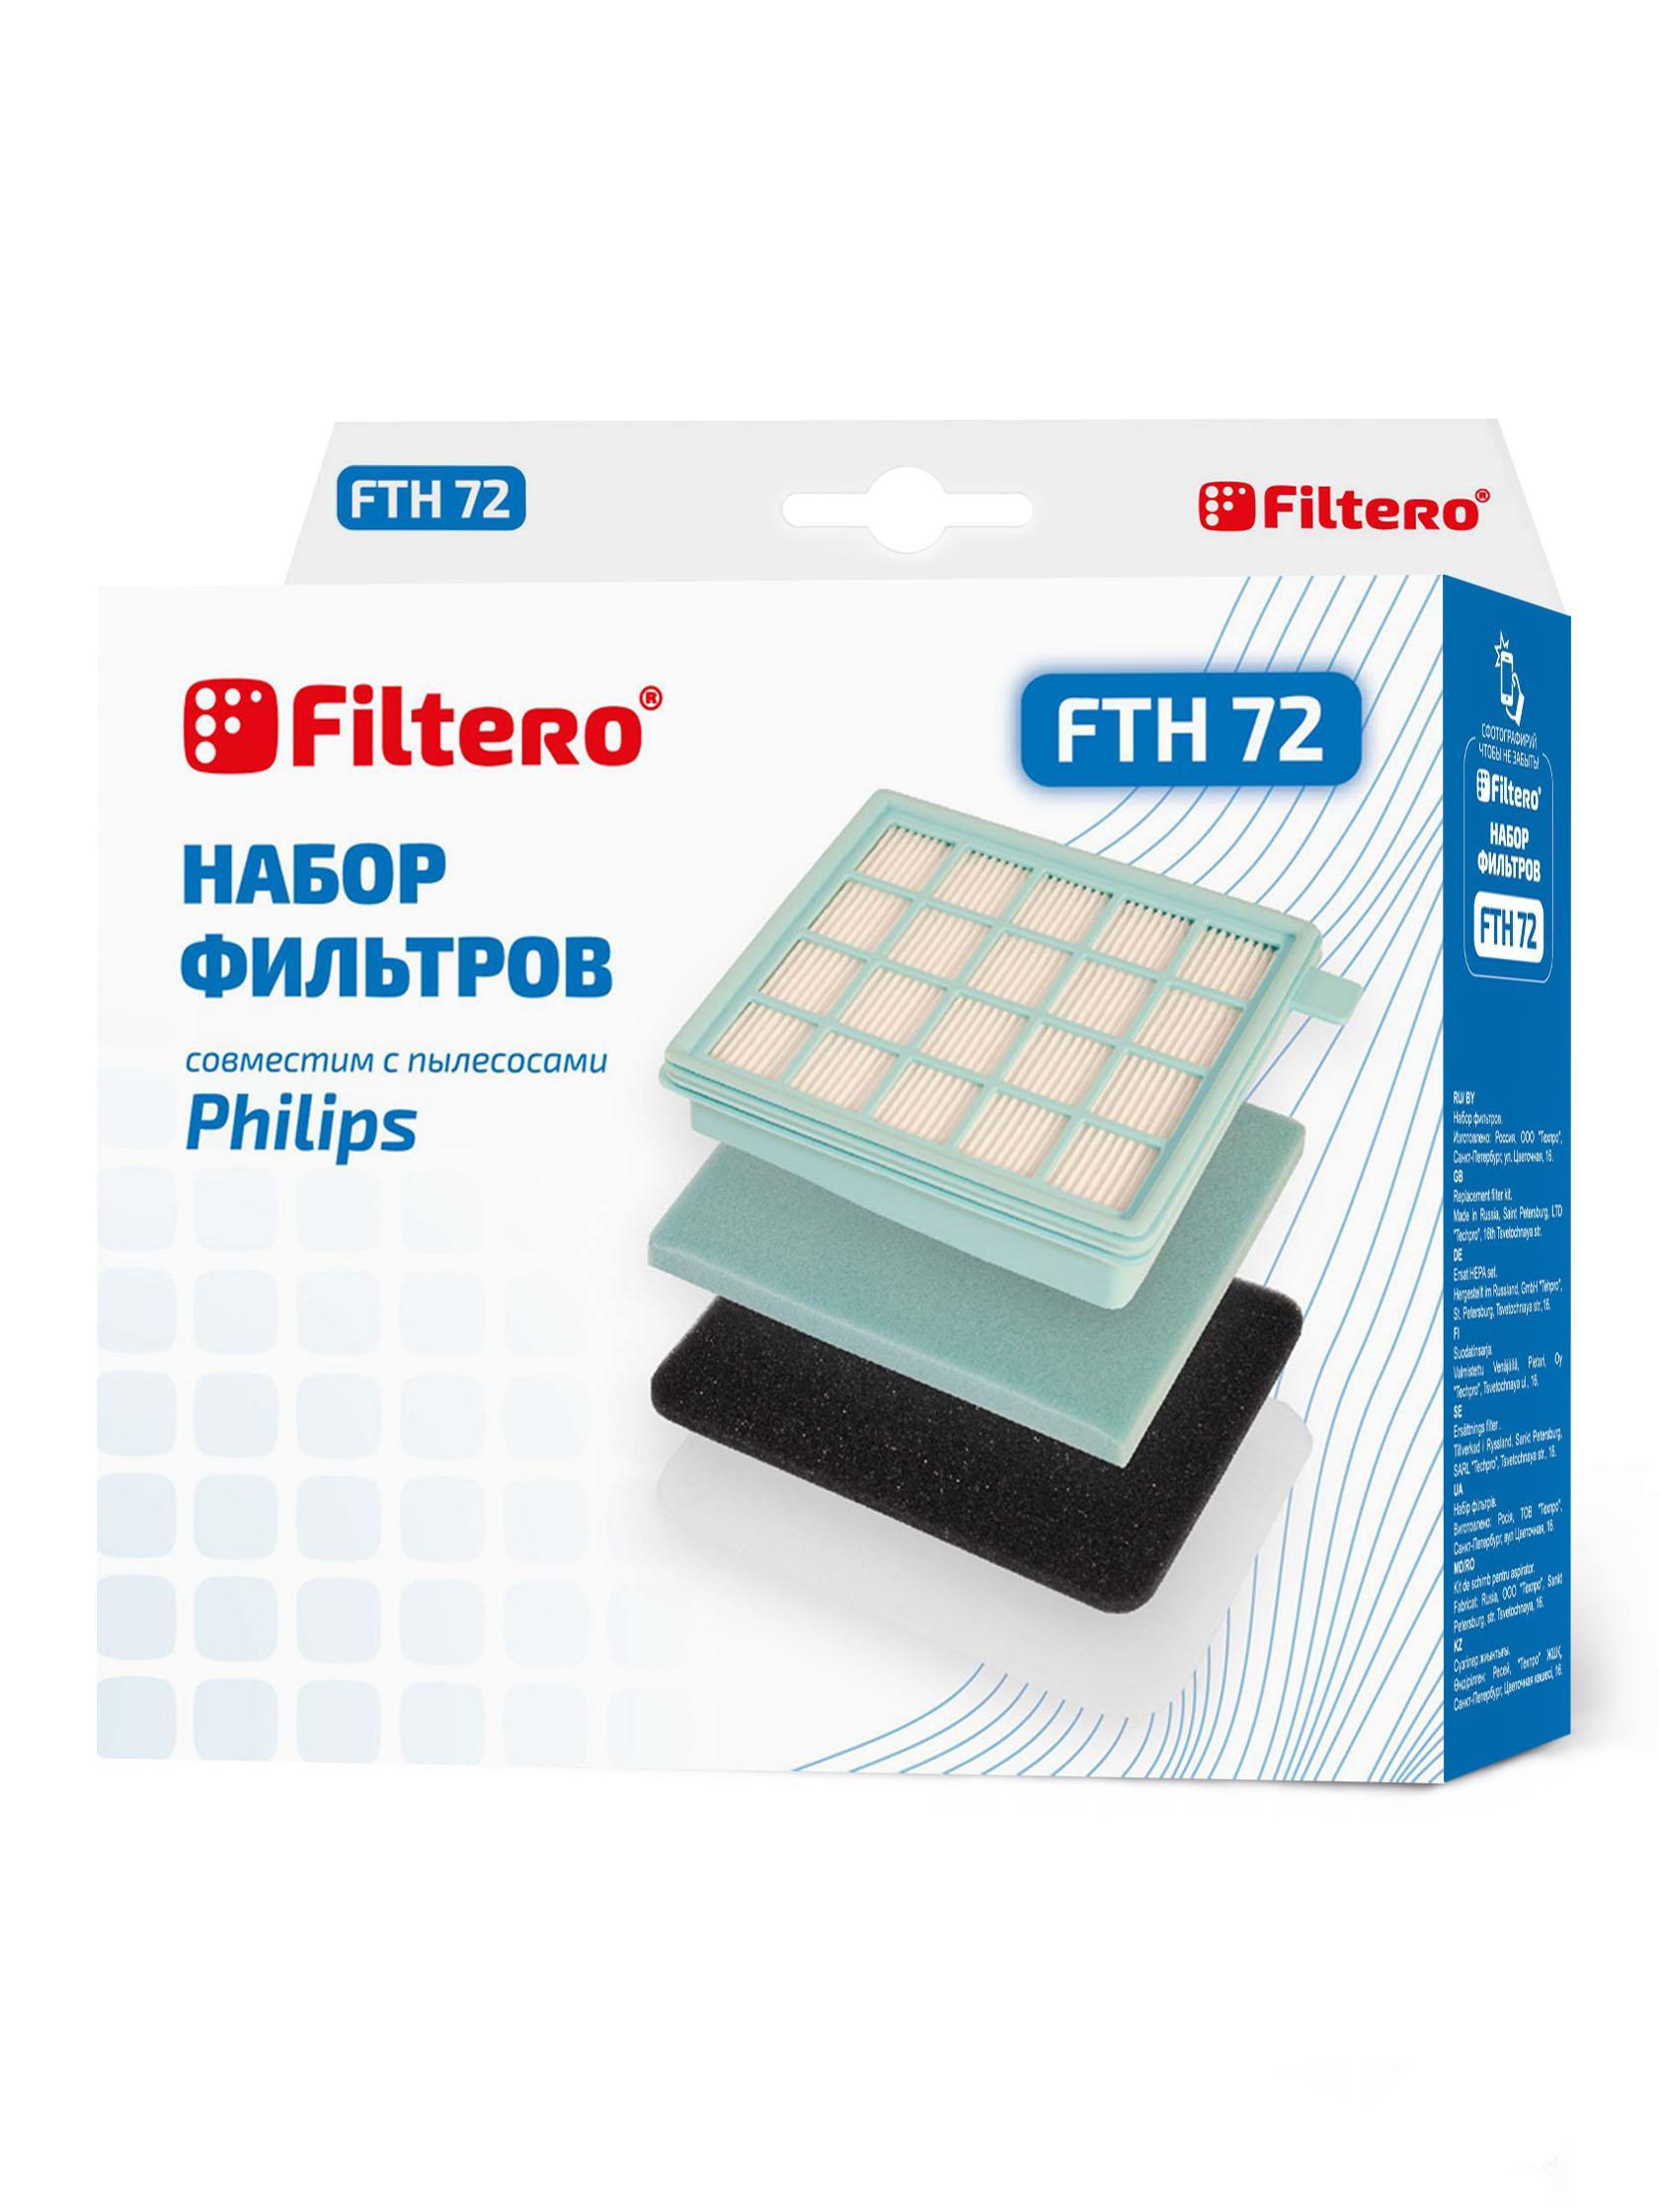 Фильтр Filtero Fth 72 phi filtero fth 72 phi hepa фильтр для пылесосов philips